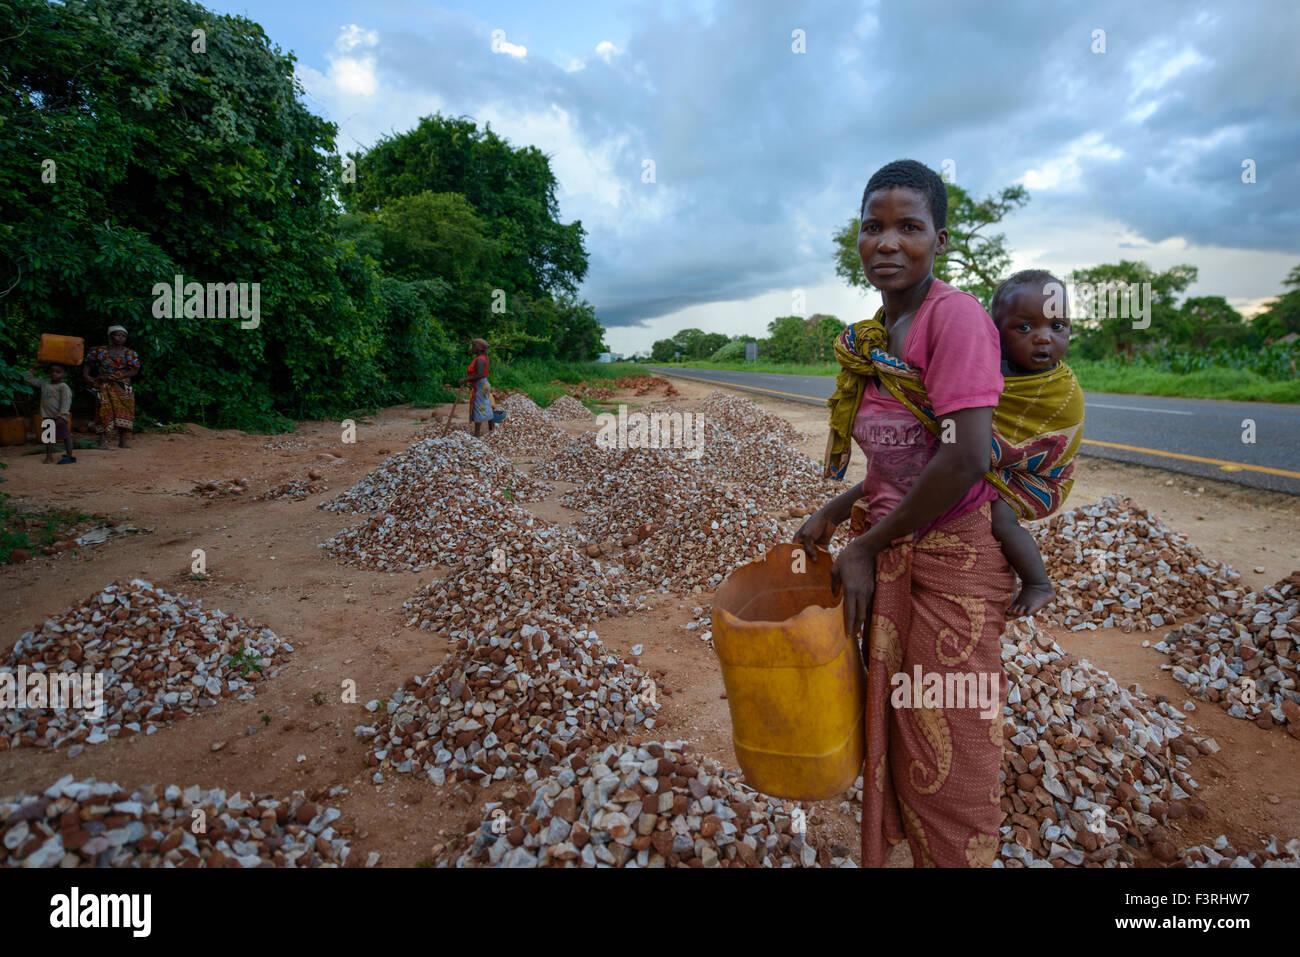 Mujer con bebé recoge piedras, Mozambique, África Imagen De Stock